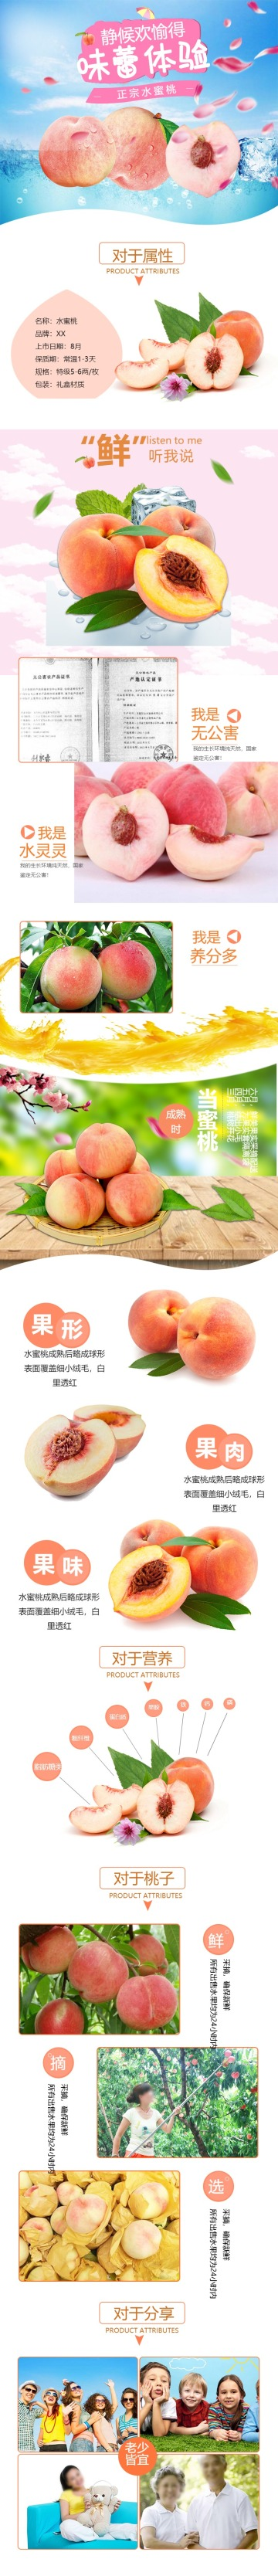 白色清晰简约百货零售生鲜水果水蜜桃促销电商详情页